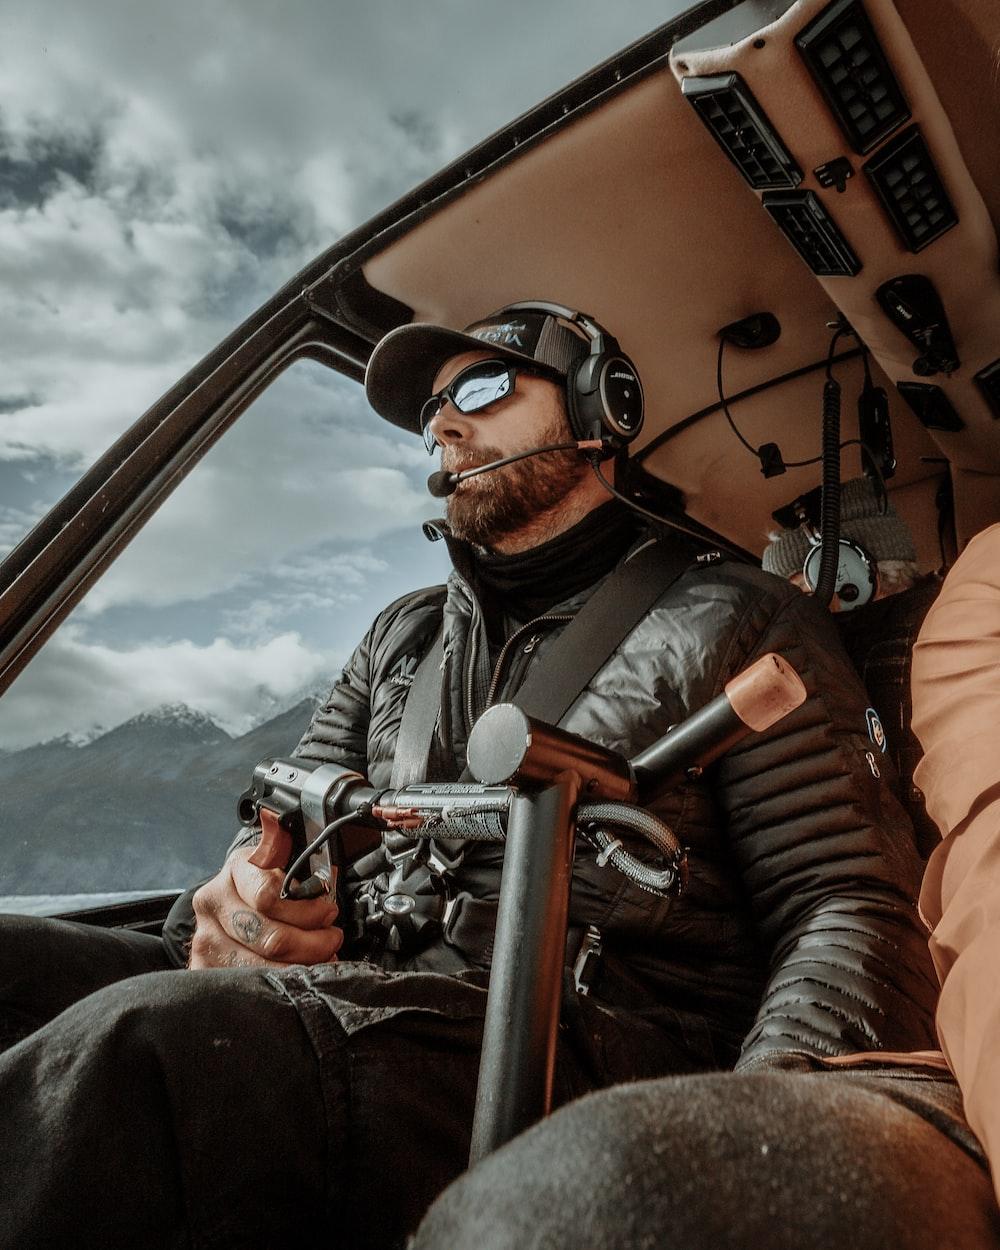 man in gray jacket wearing black sunglasses sitting on orange car seat during daytime